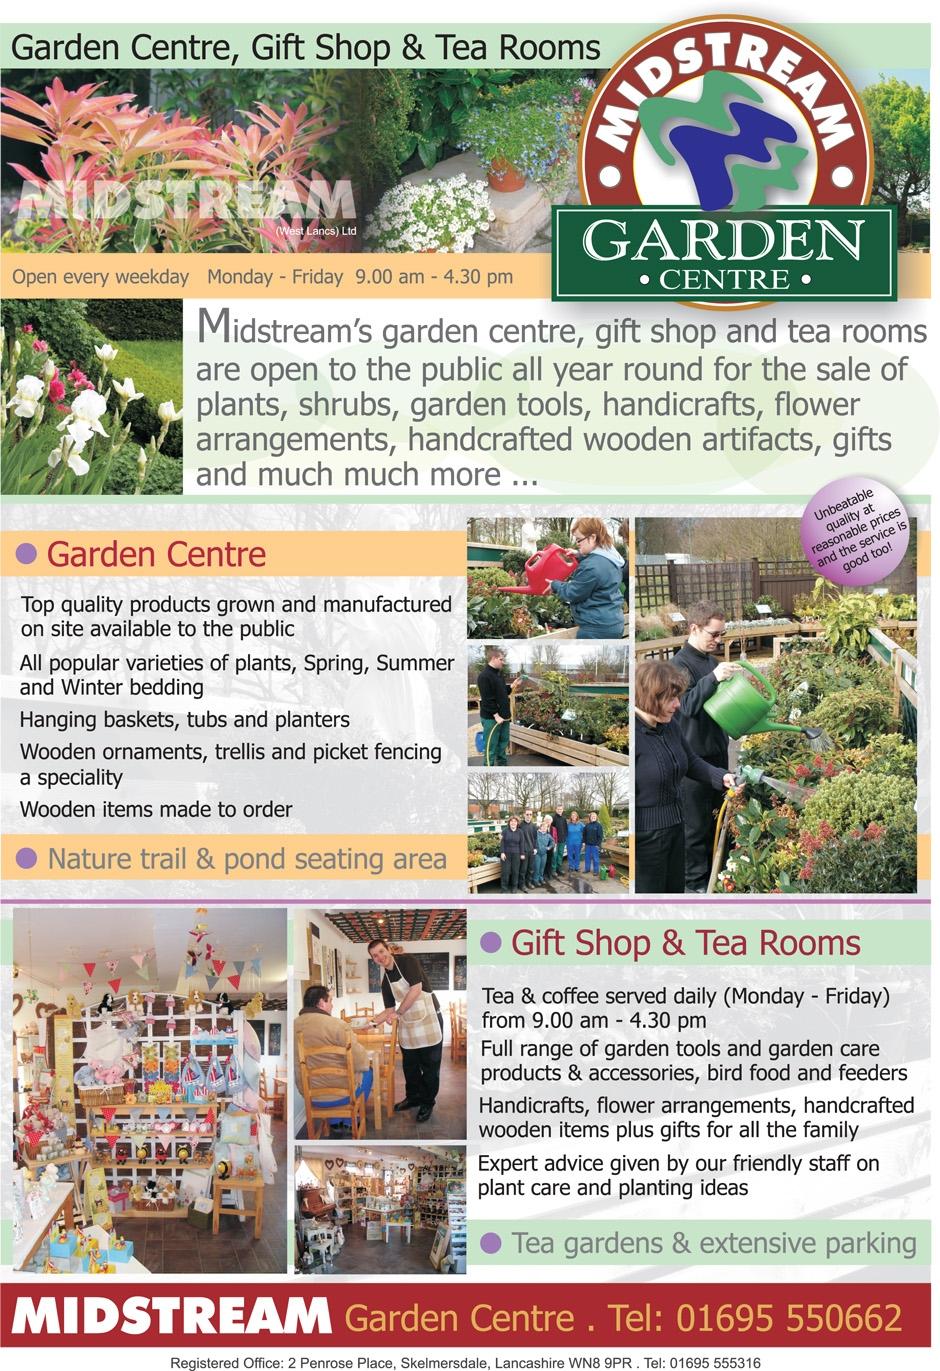 midstream garden centre